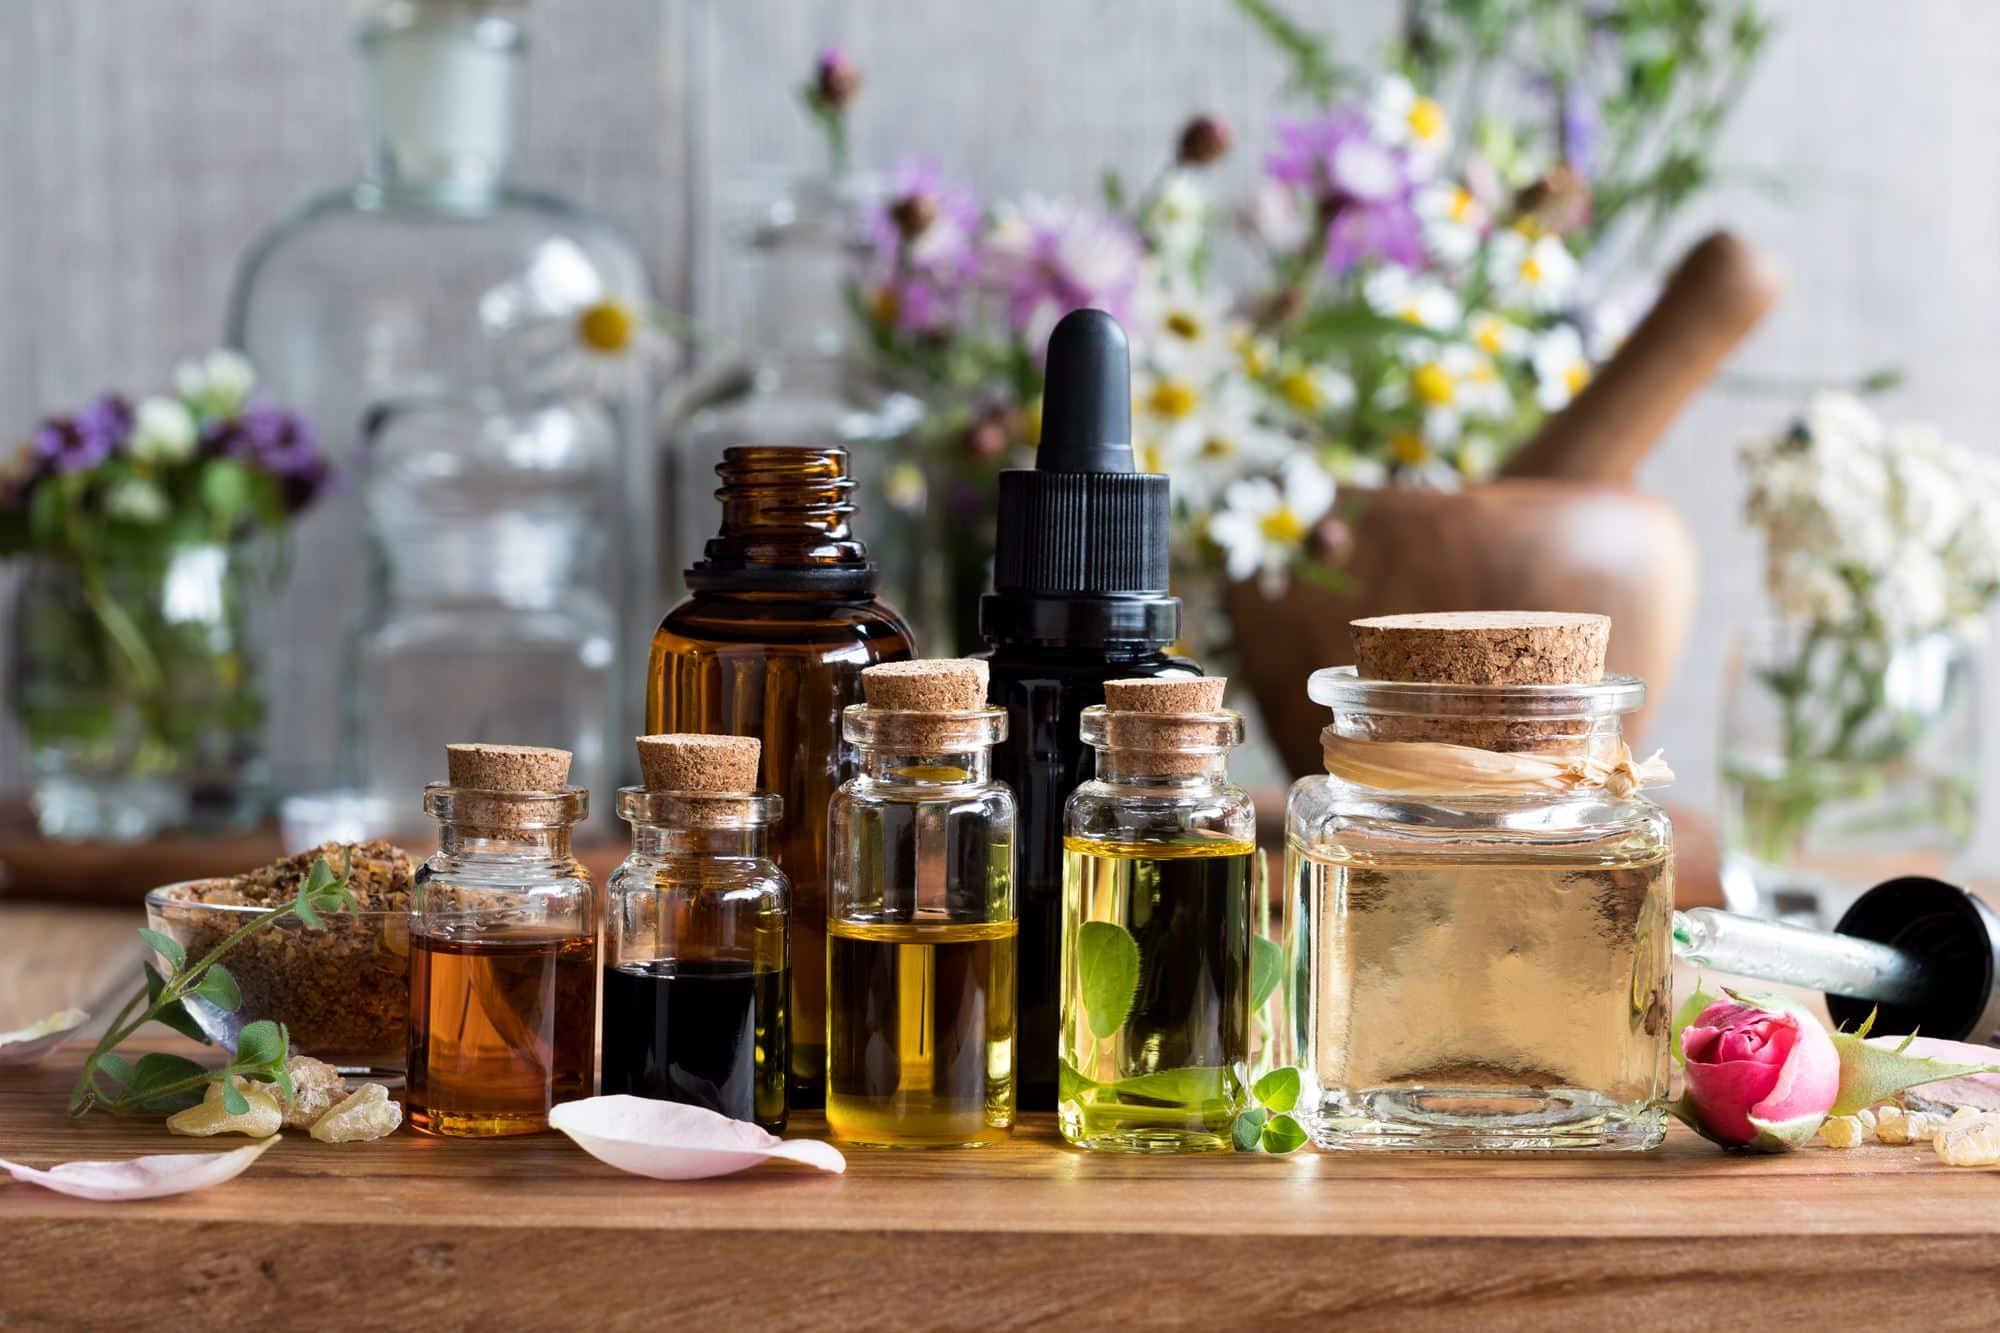 Il existe une huile essentielle parfaite pour chaque signe du zodiaque